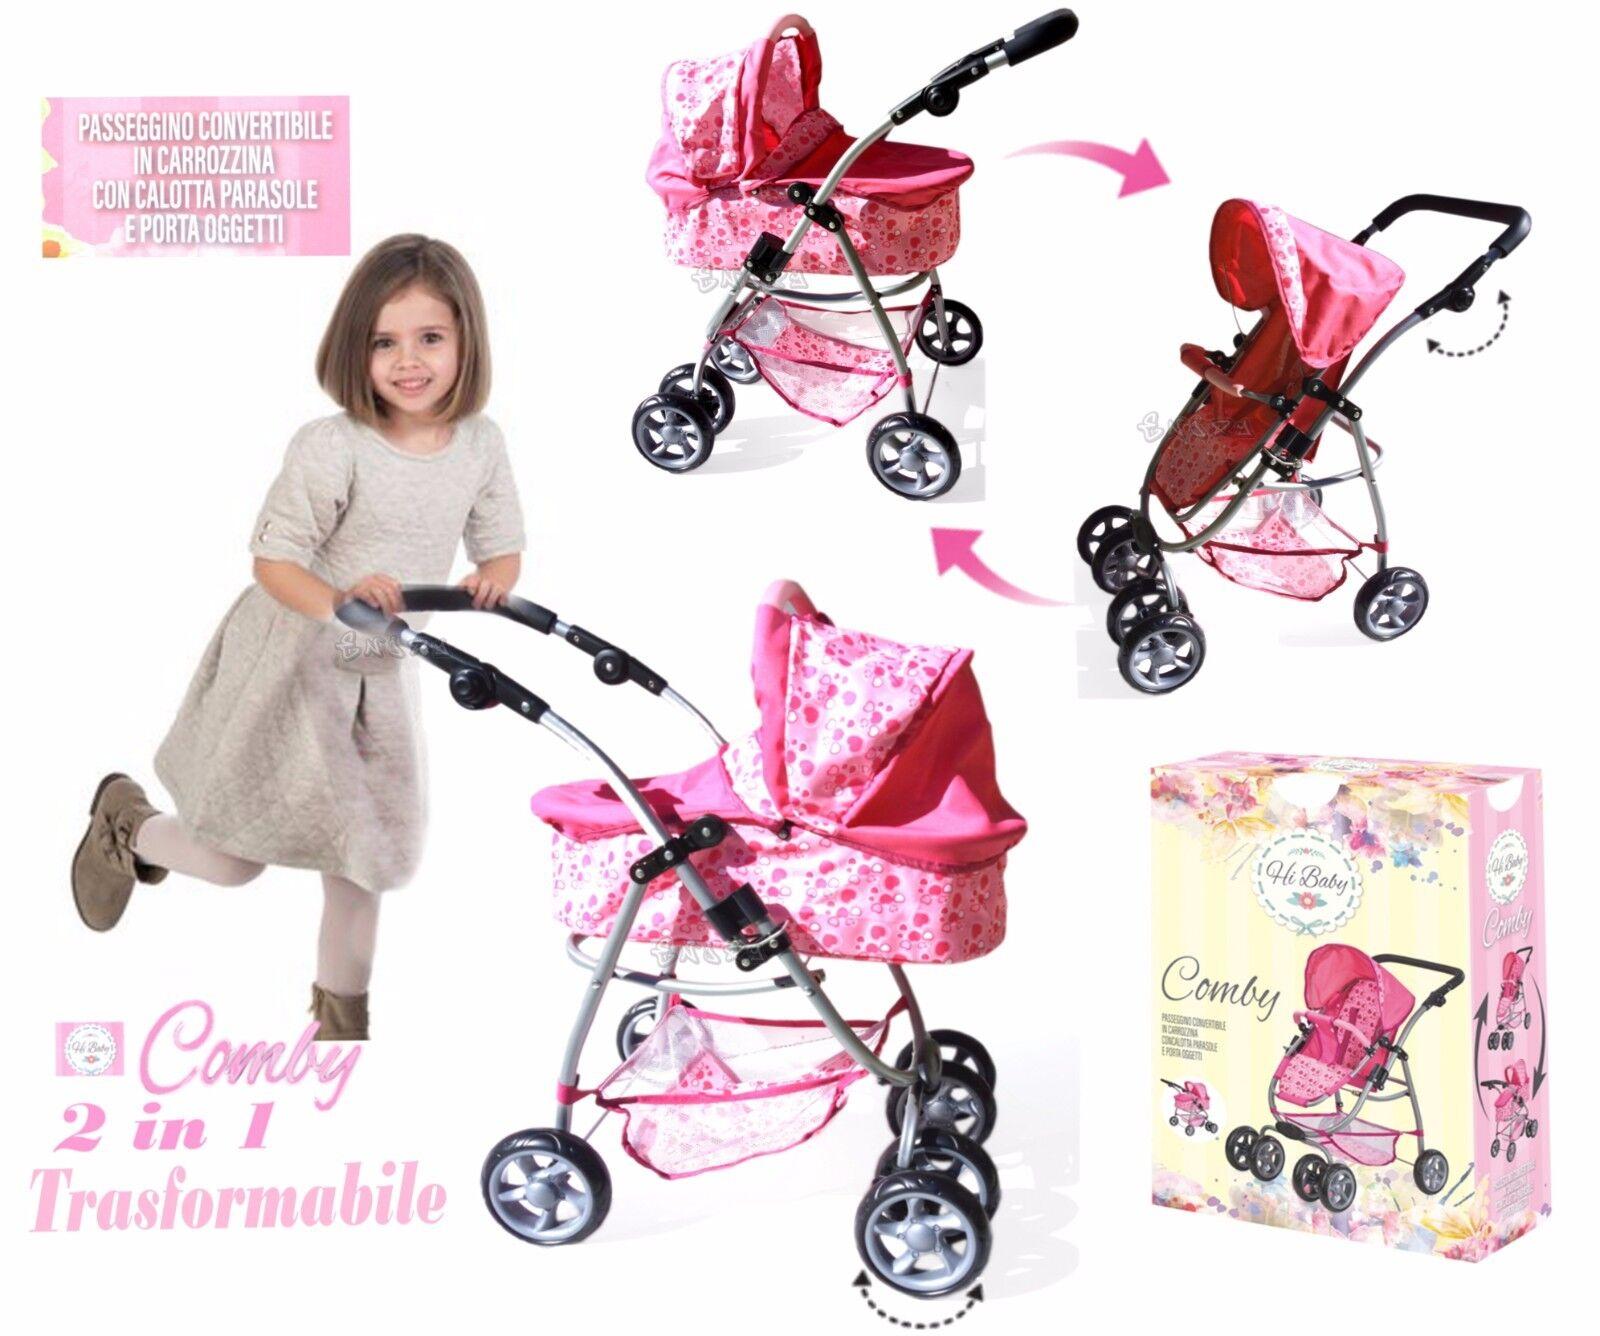 Bambola Carrozzina Passeggino per Bambole Trasformabile gioco bambina 215593